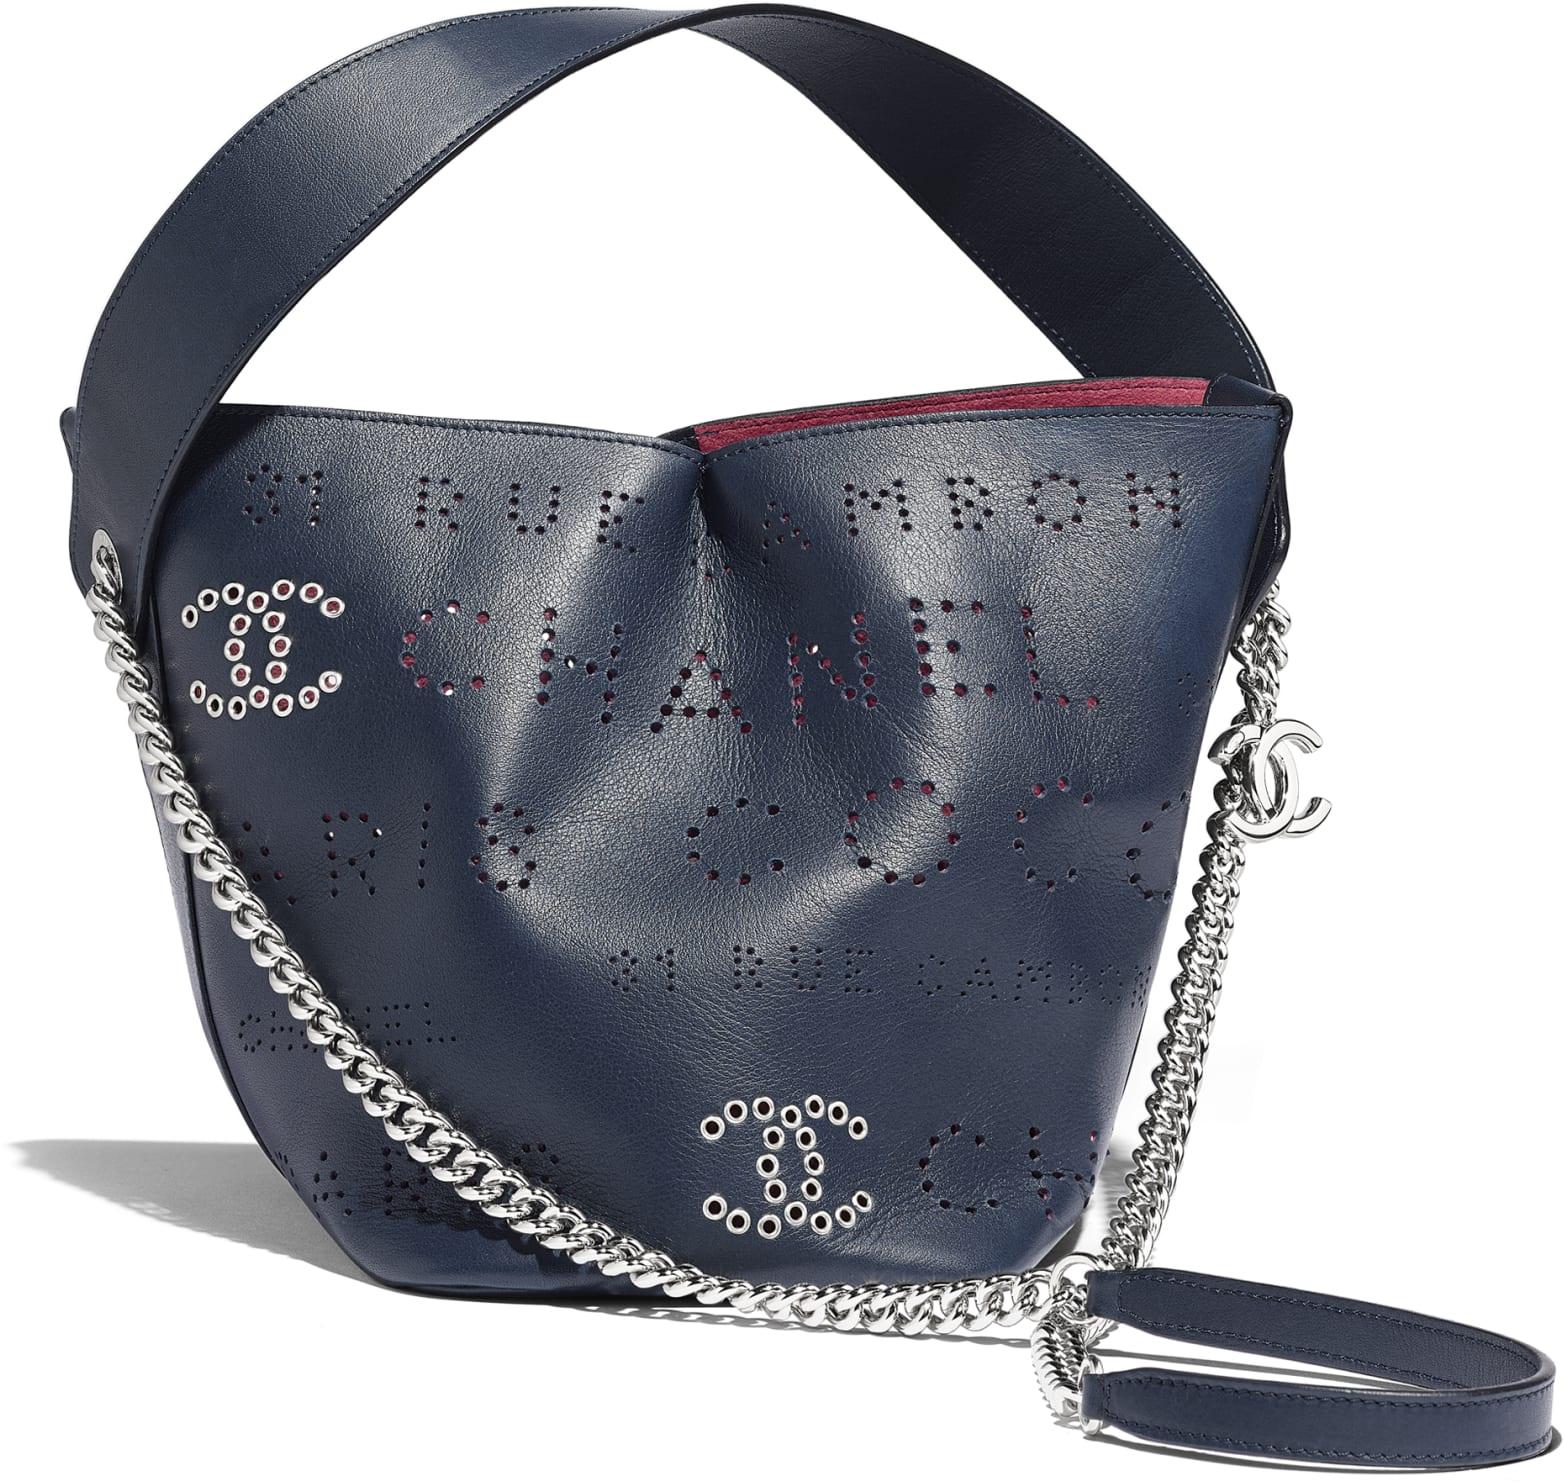 Borsa a secchiello traforata Chanel a 2 850 euro